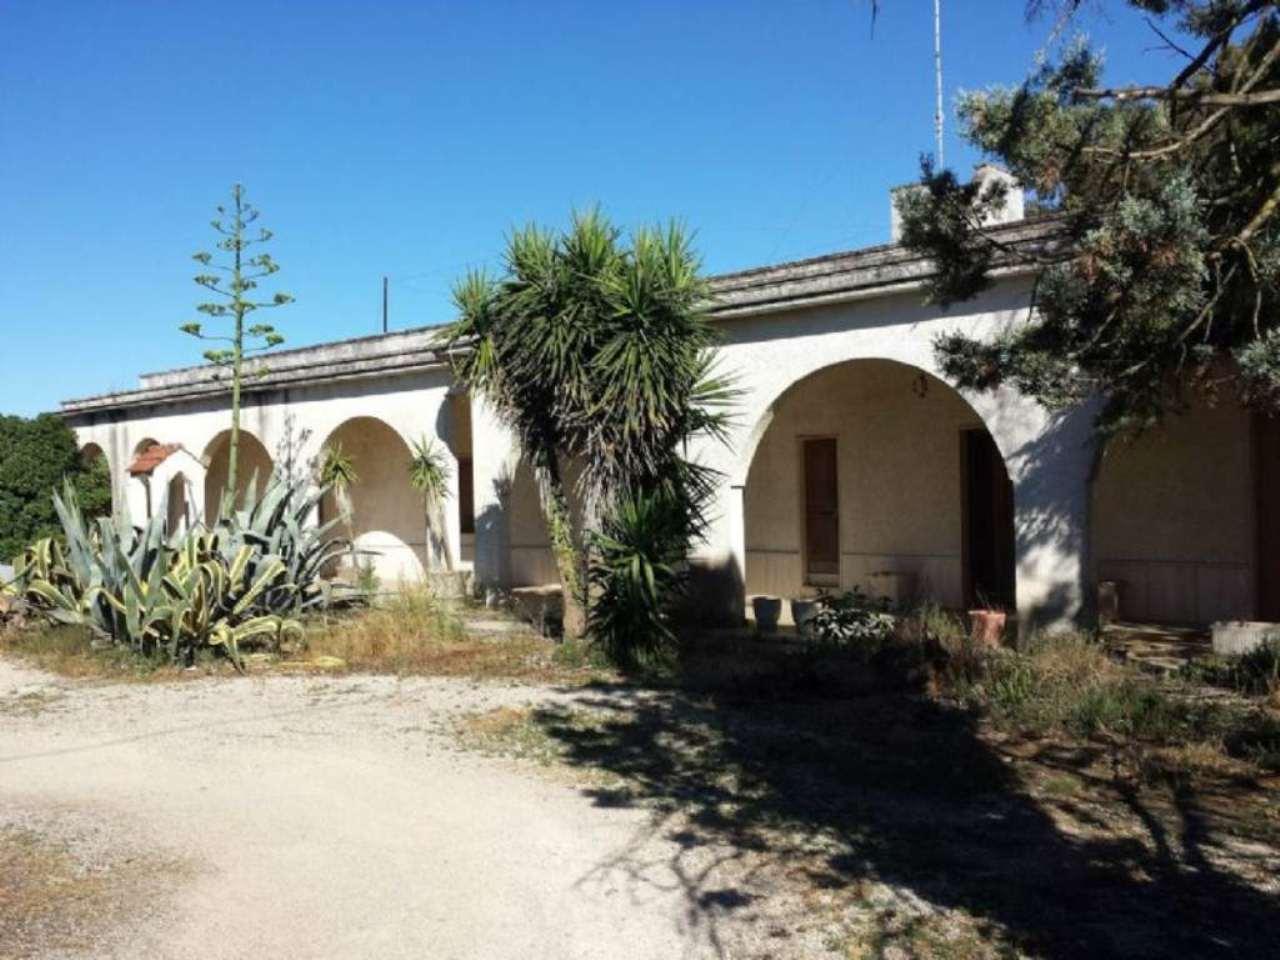 Villa in vendita a Copertino, 5 locali, prezzo € 130.000   CambioCasa.it